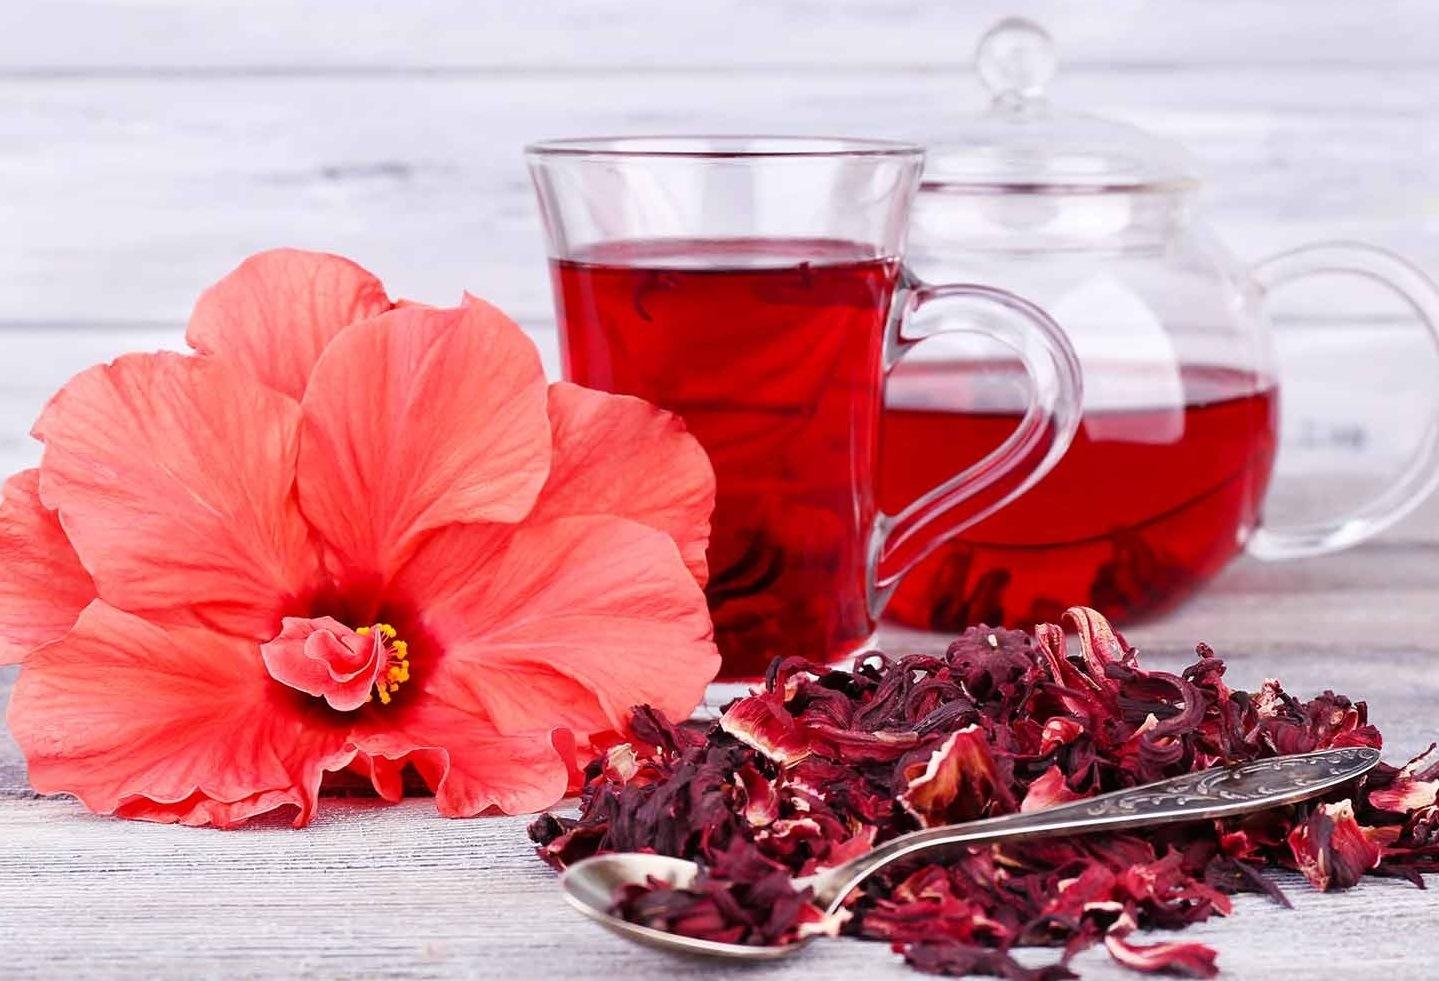 هل تعلمون ماهي شاي الكركديه وكيف يحضر وبماذا يفيد؟